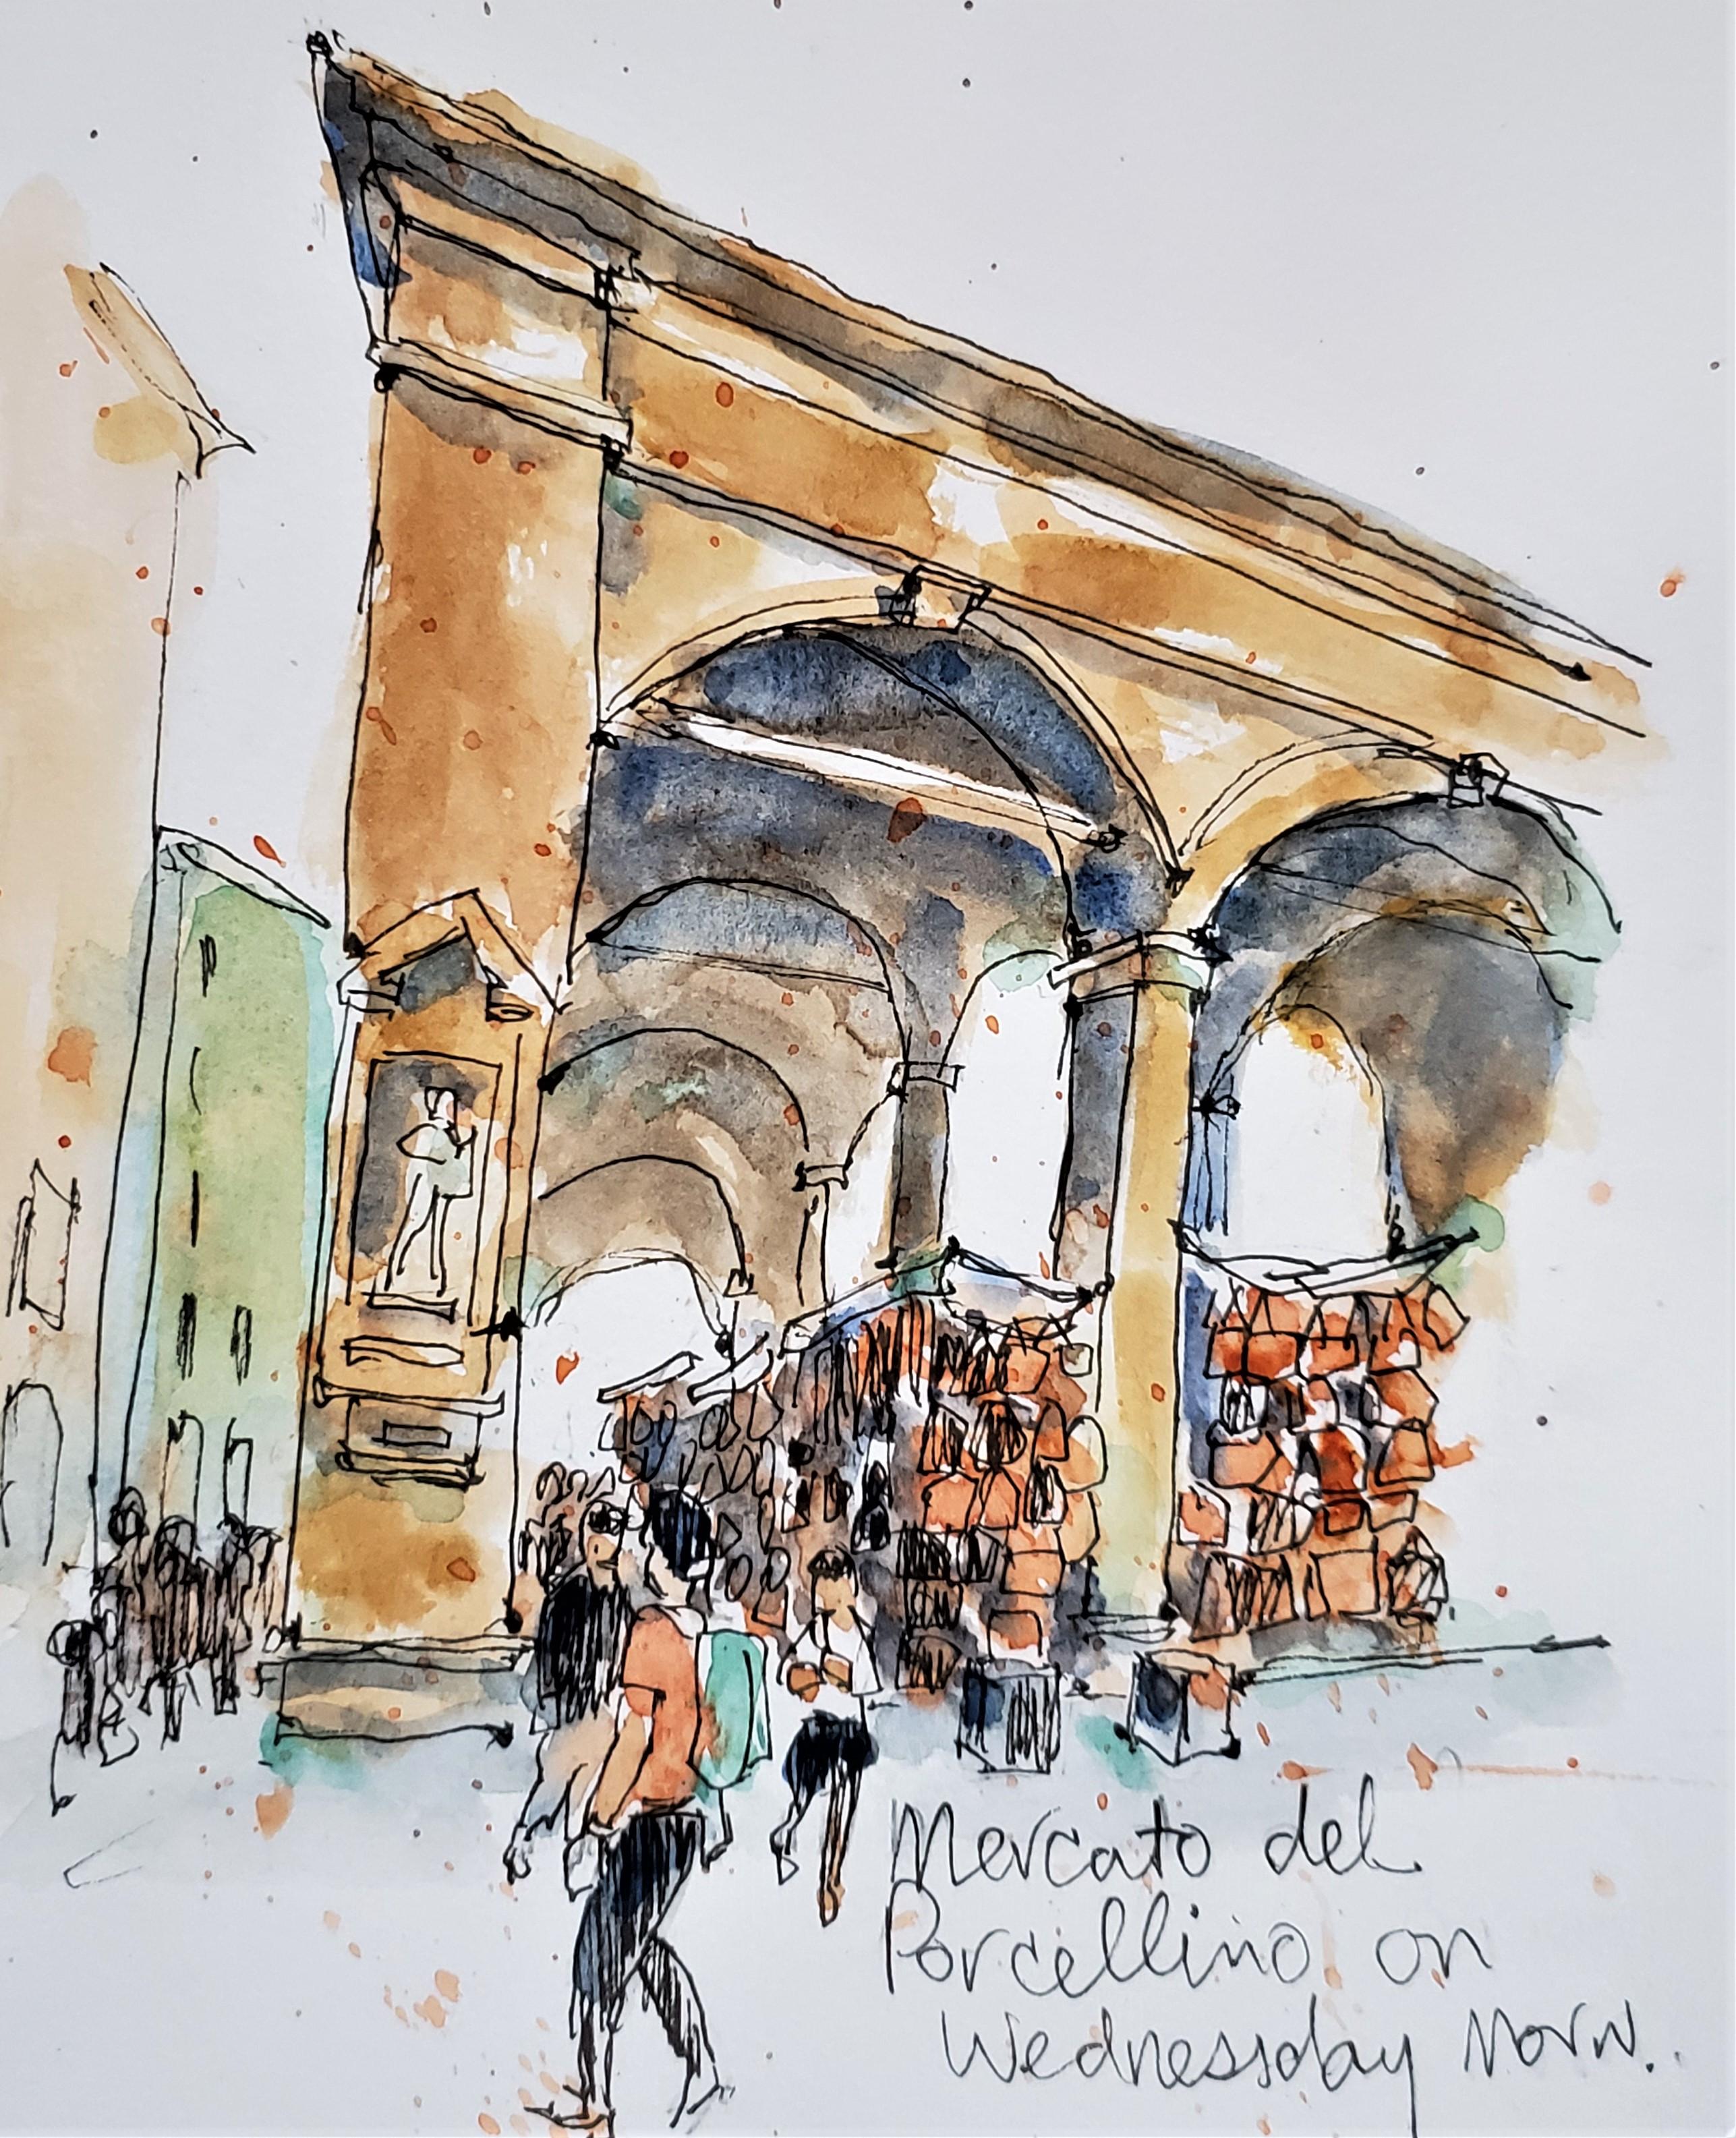 Firenze Mercato Porcellino